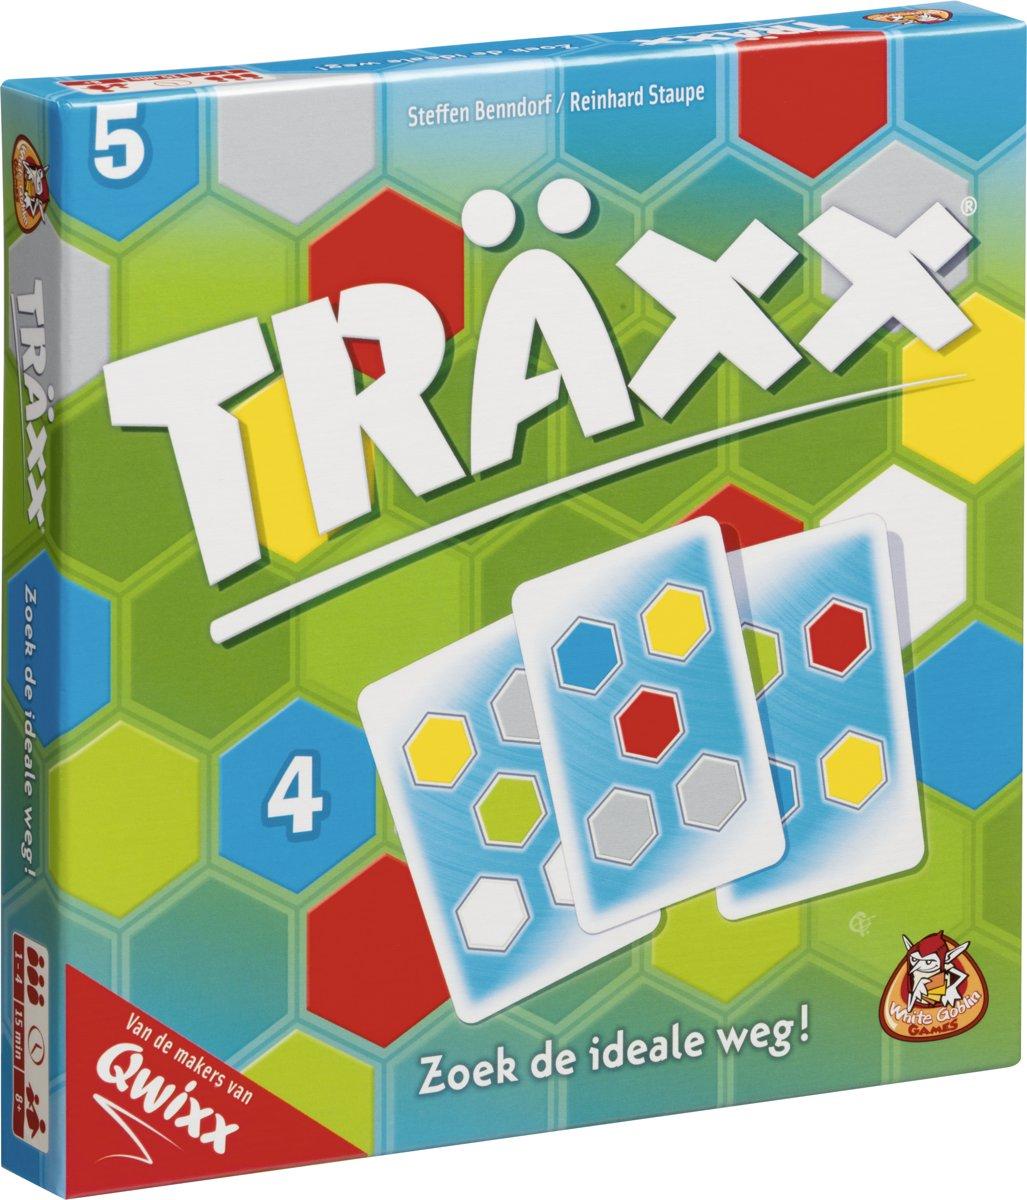 Traxx - Kaartspel kopen